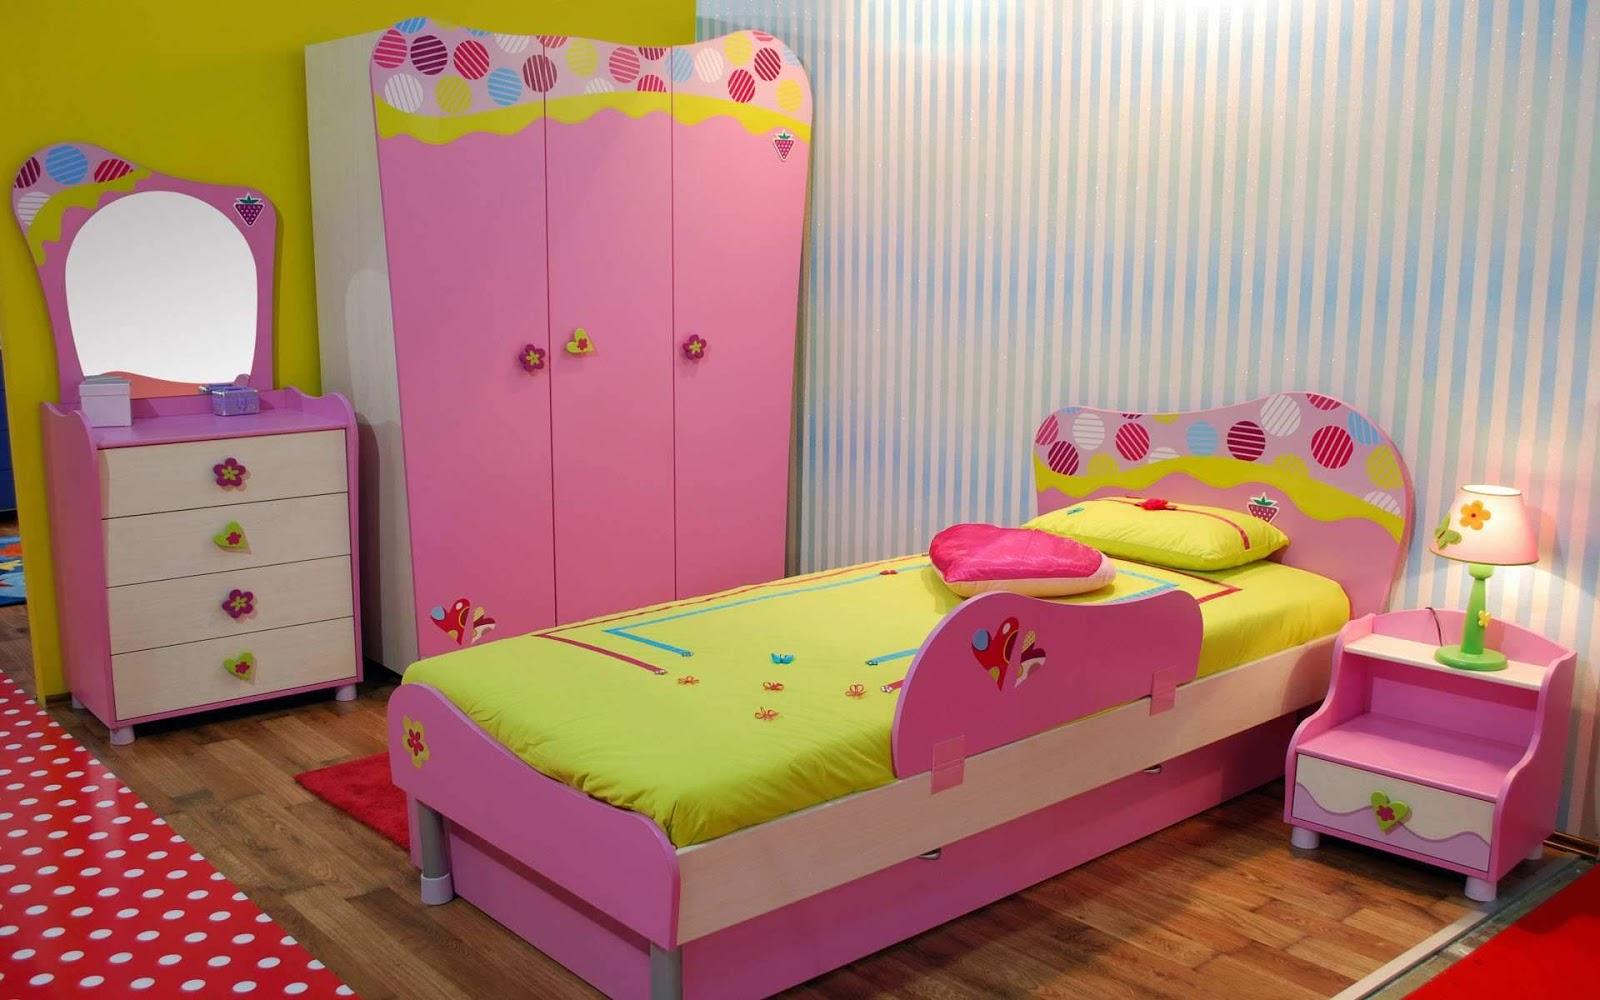 Dekorasi Kamar Tidur Bayi Sederhana Interior Rumah